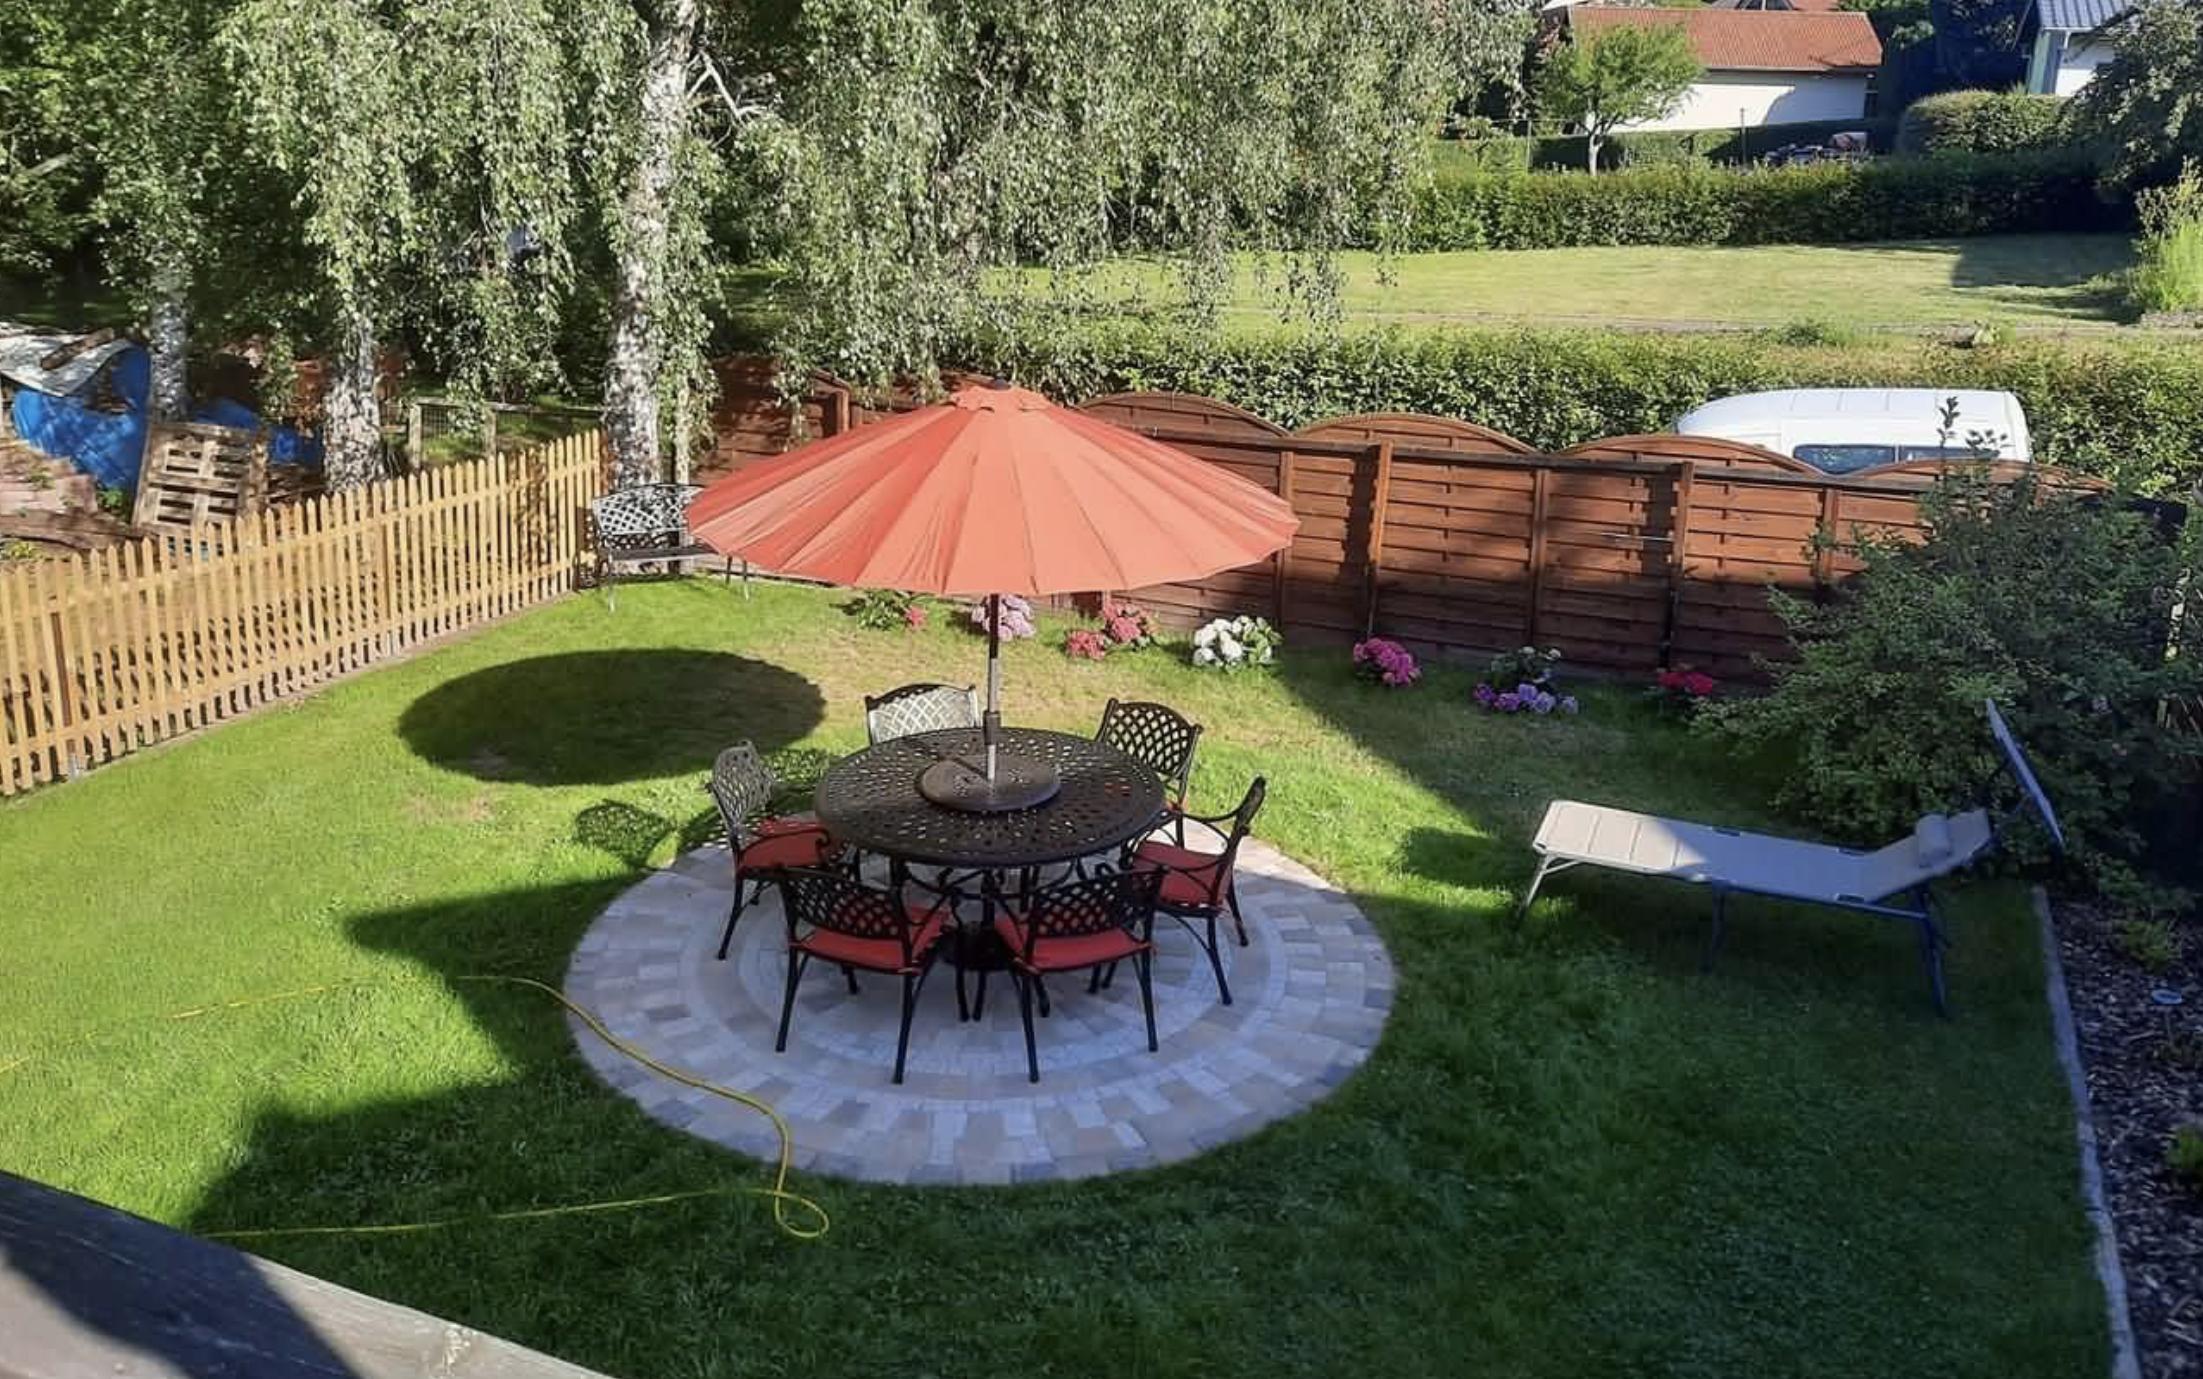 Garden Bench as a focal point at bottom of garden